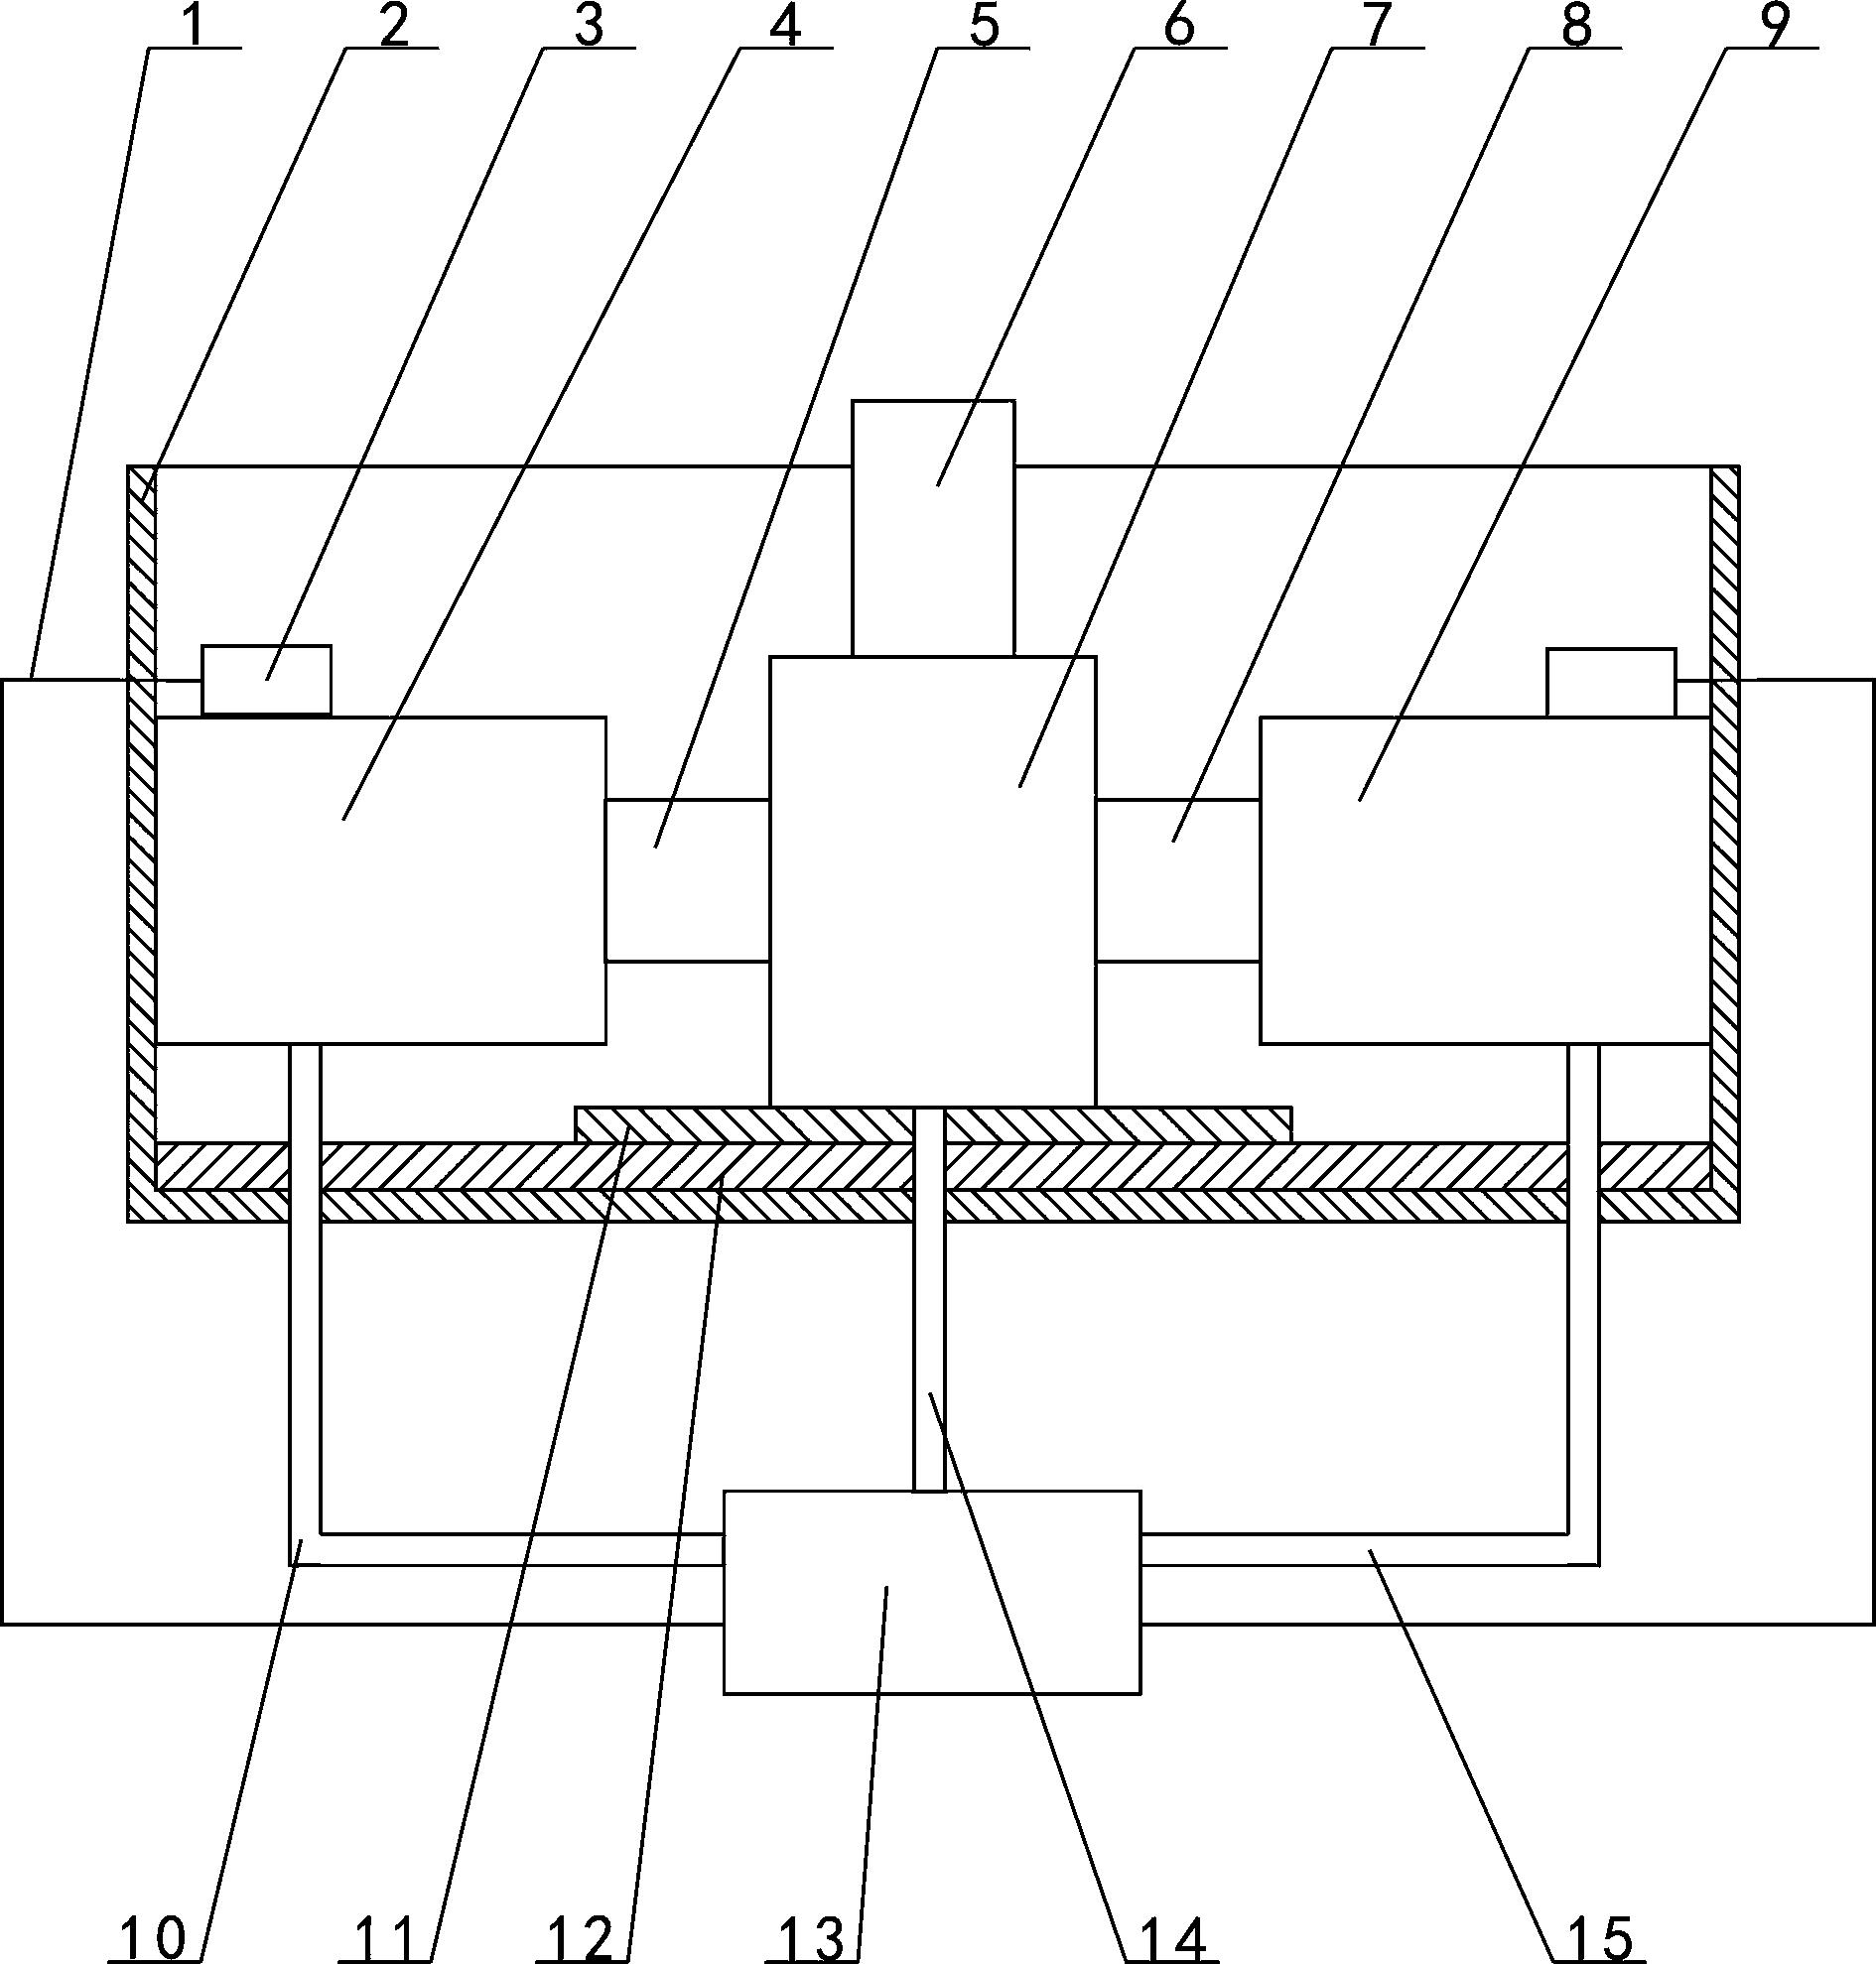 cn106948270a_一种桥梁结构物横移装置在审图片